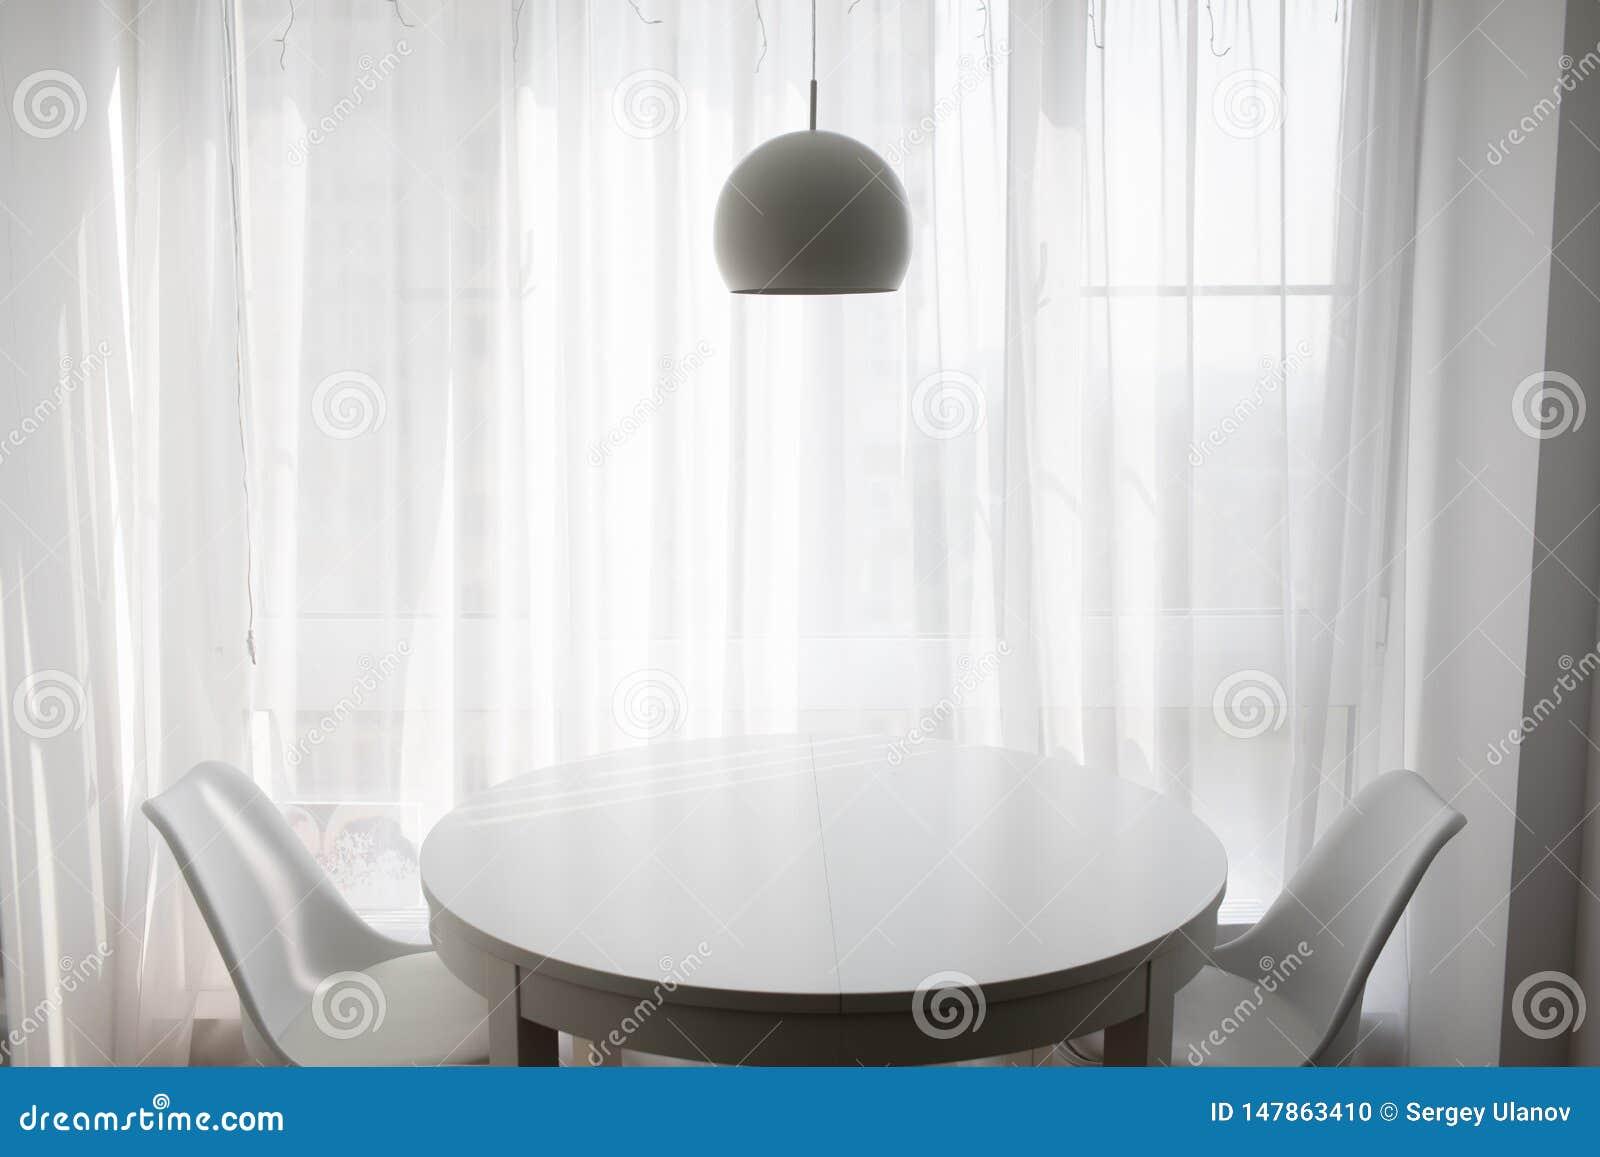 Απλό καθιστικό για τα άνετα βράδια